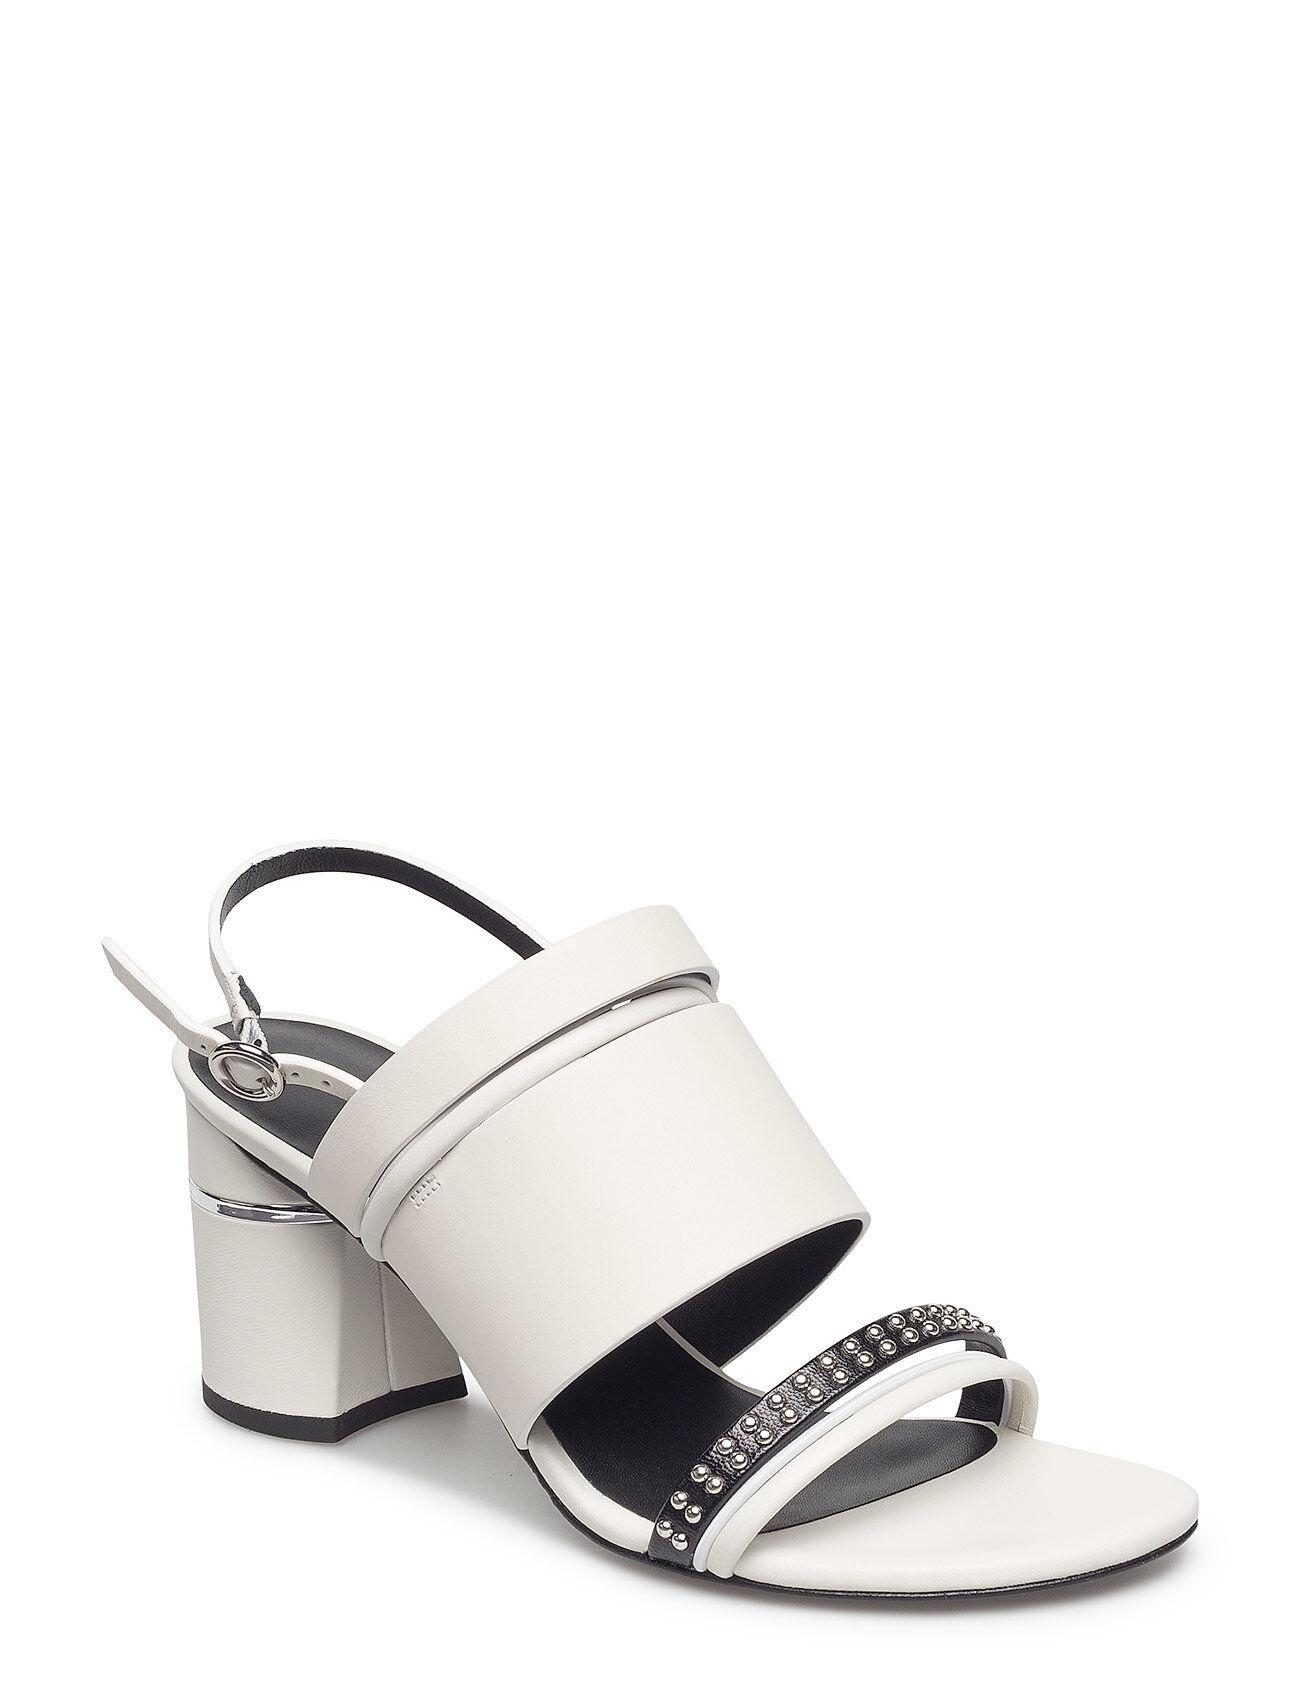 3.1 Phillip Lim Drum - 70mm Multi Strap Sandal